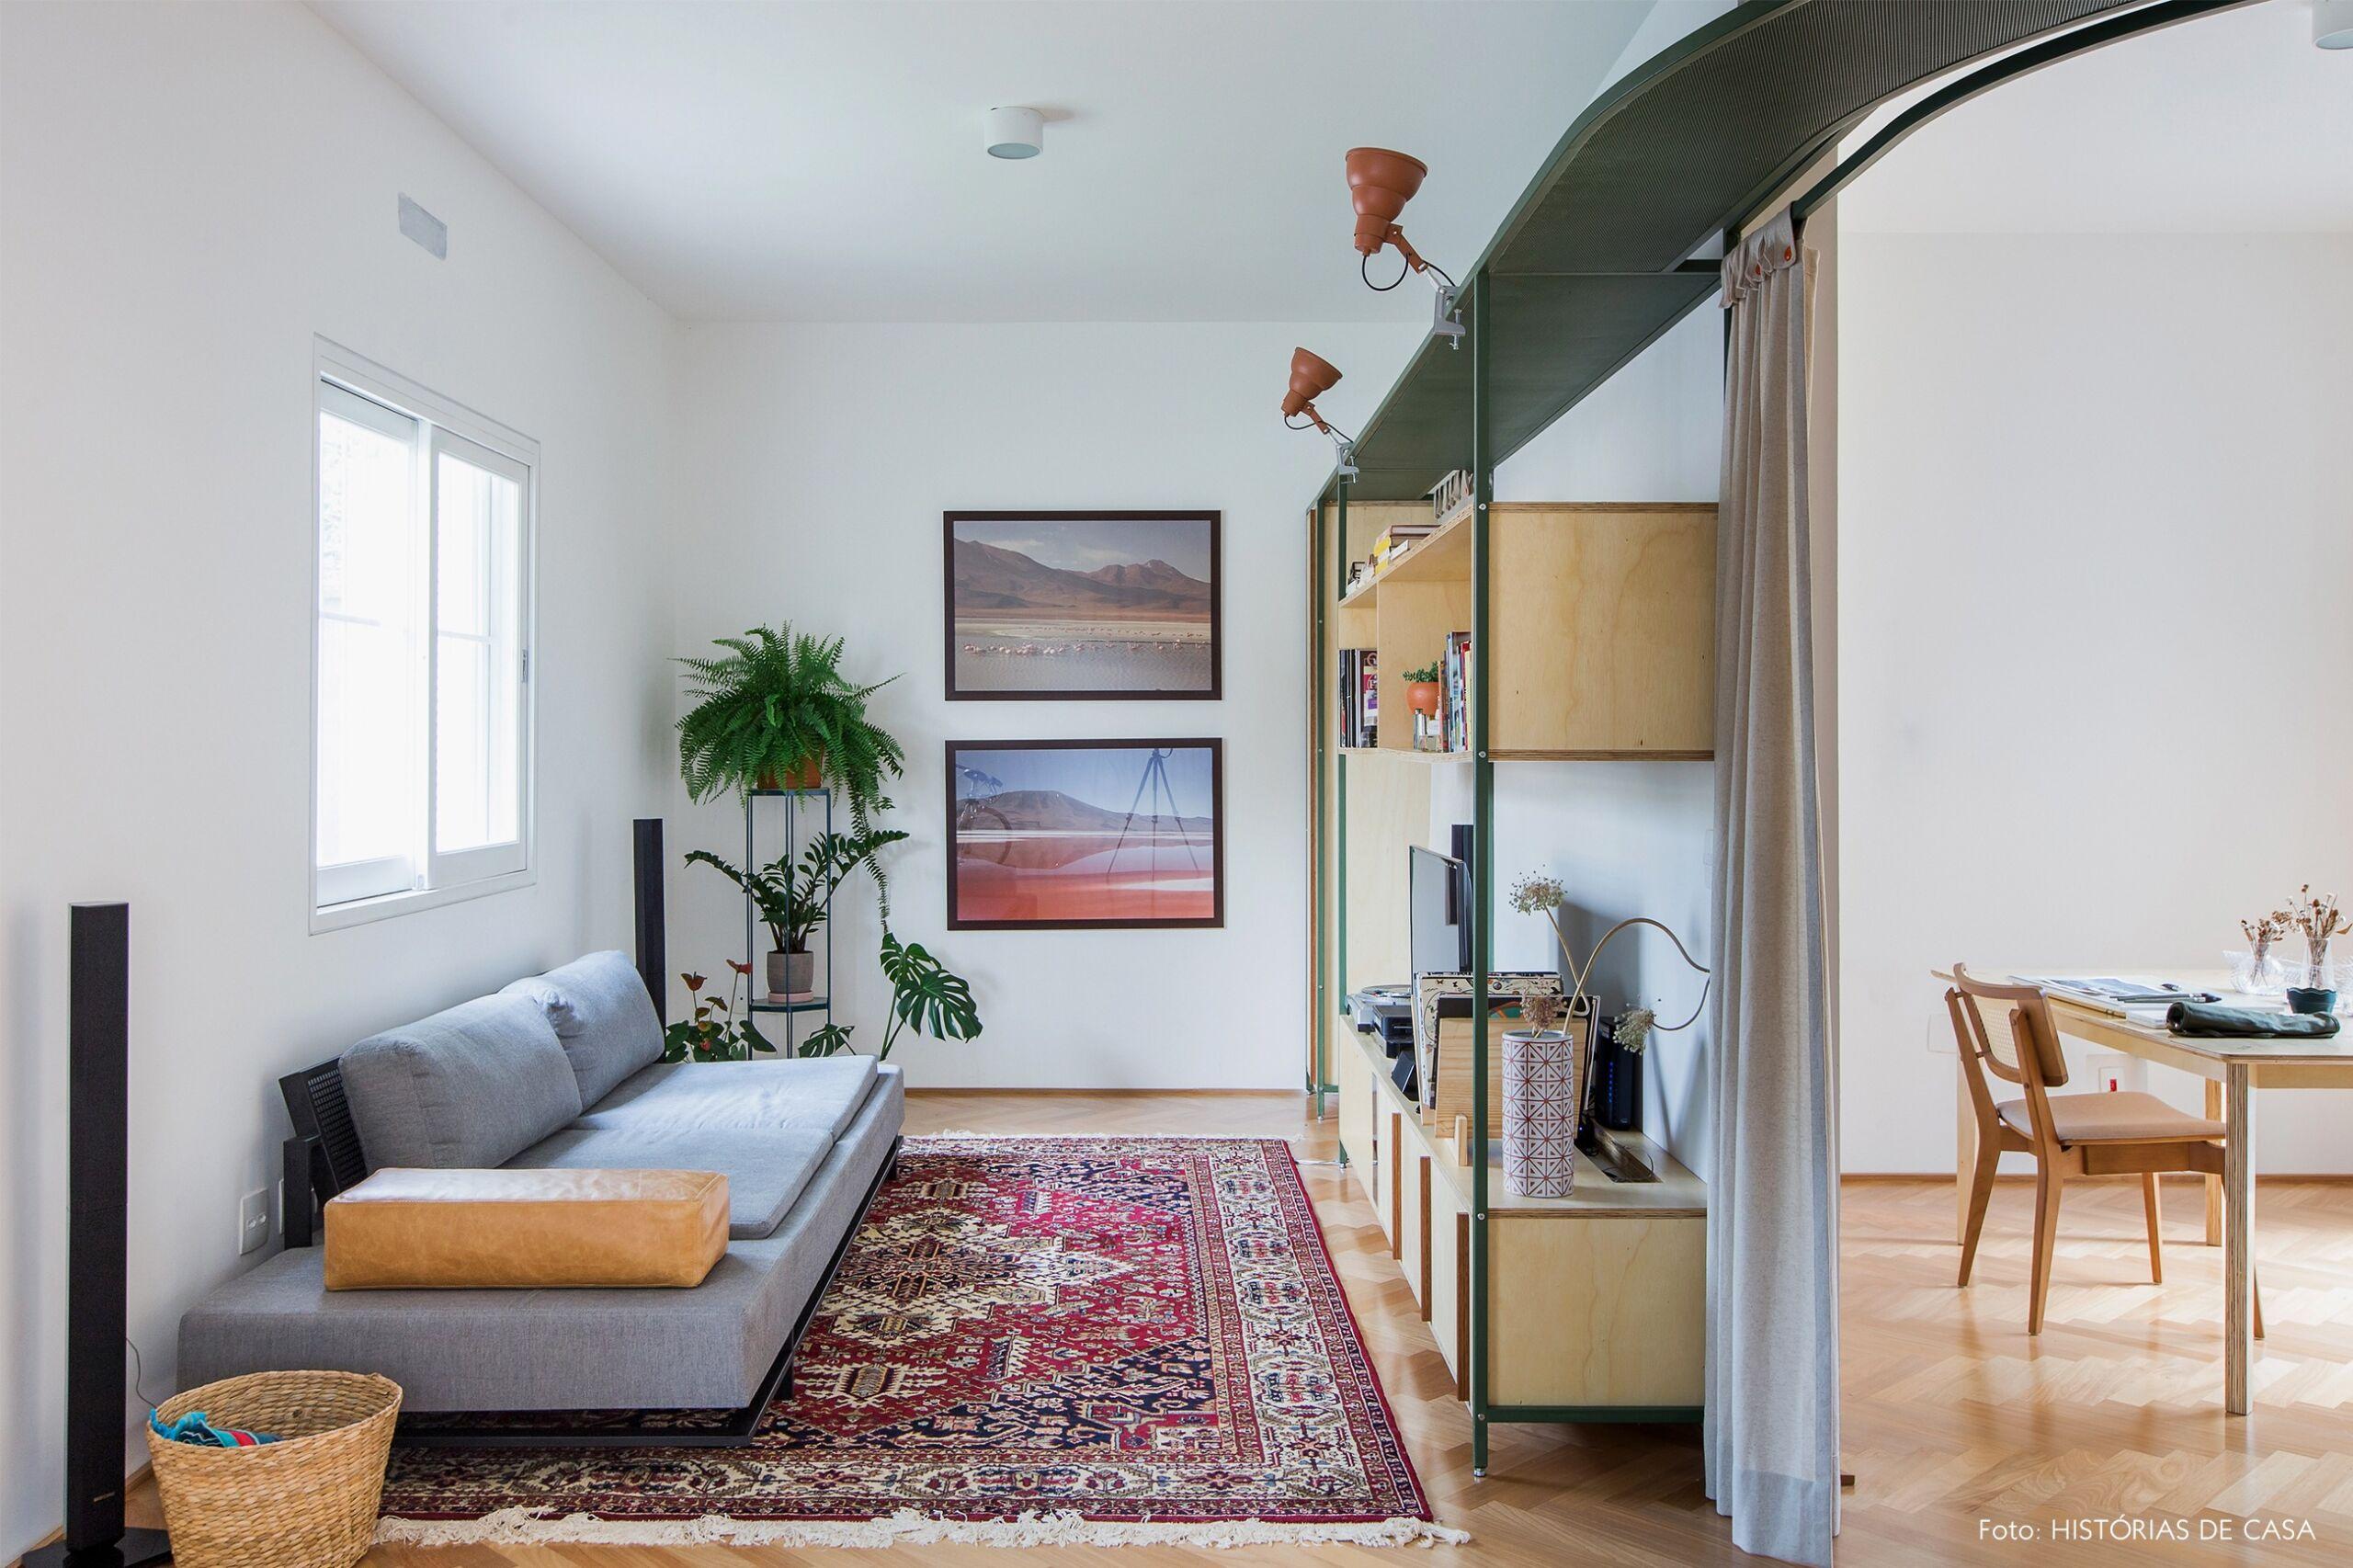 decoração apê cortina como divisória cesto palha